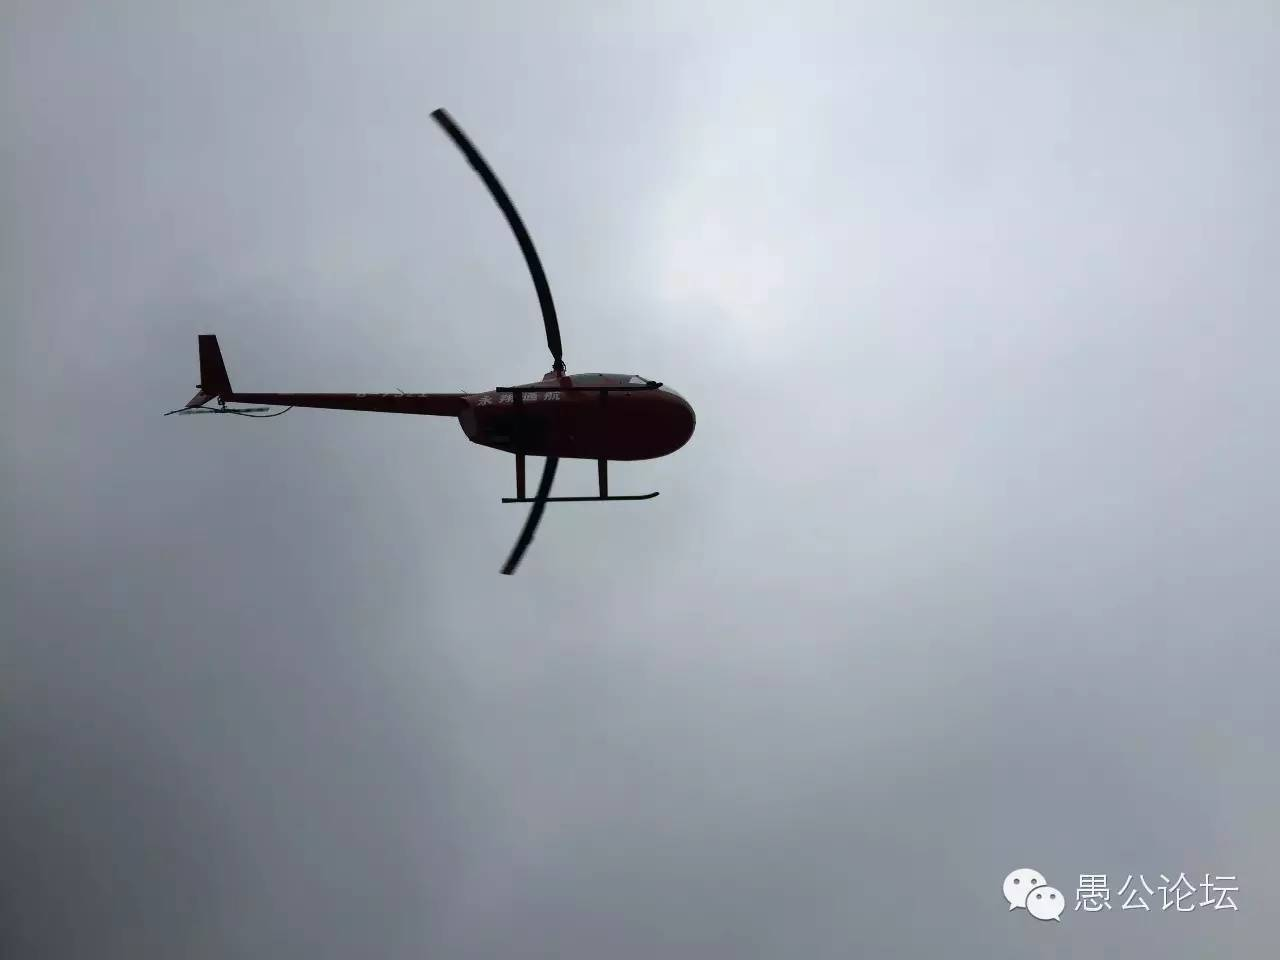 """济源首架旅游直升机""""王屋山号""""在五龙口景区首飞圆满"""